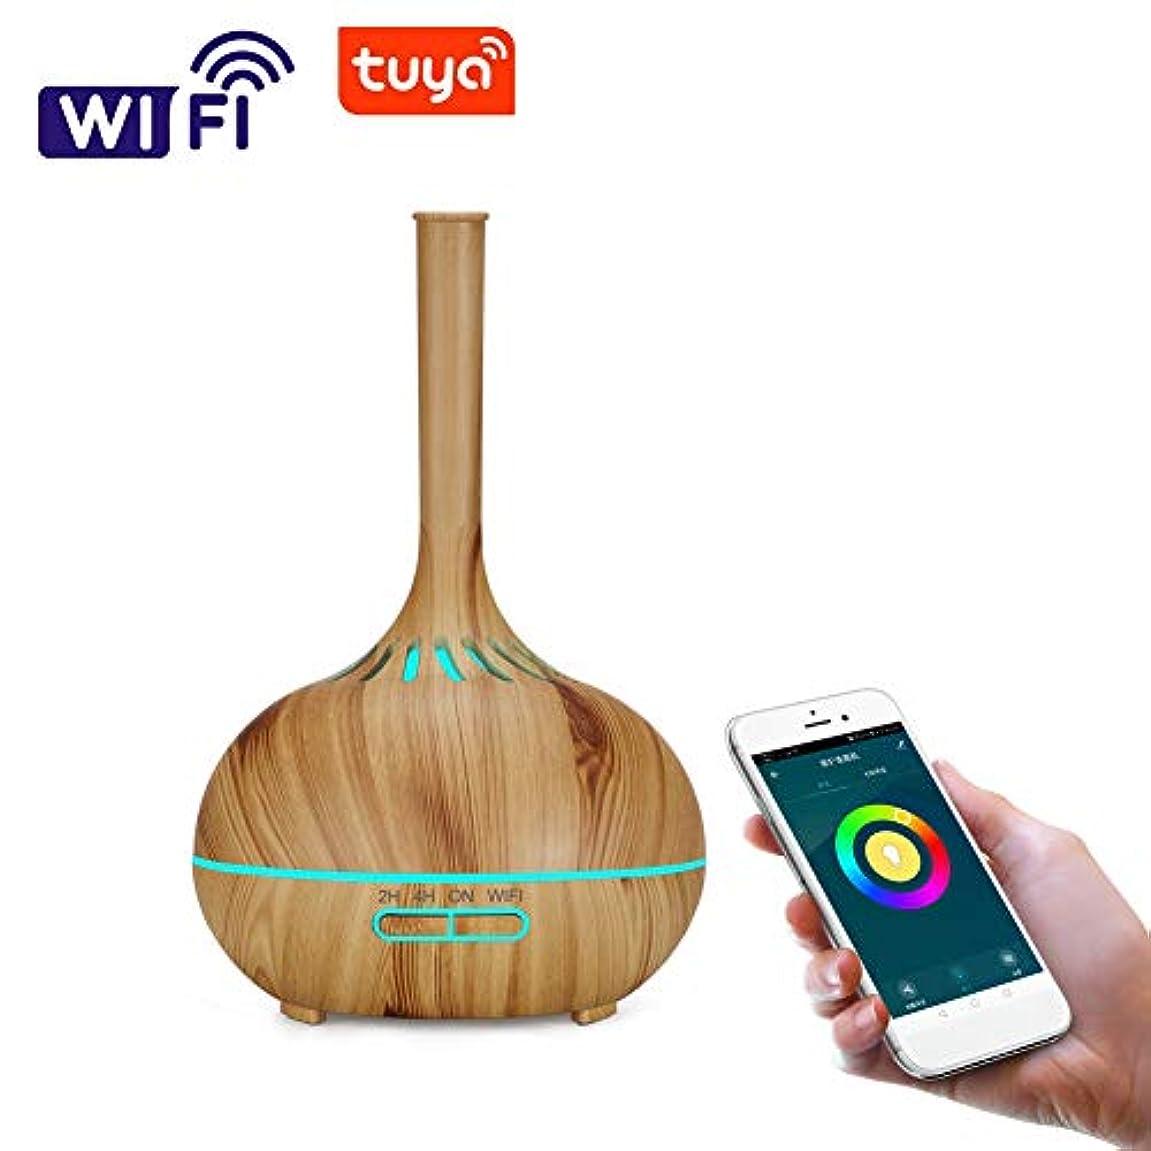 報酬のによるとビヨン木目 涼しい霧 超音波式 加湿器,wifi 7 色 香り 精油 ディフューザー 調整可能 空気加湿器 アロマネブライザー ホーム Yoga オフィス- 400ml